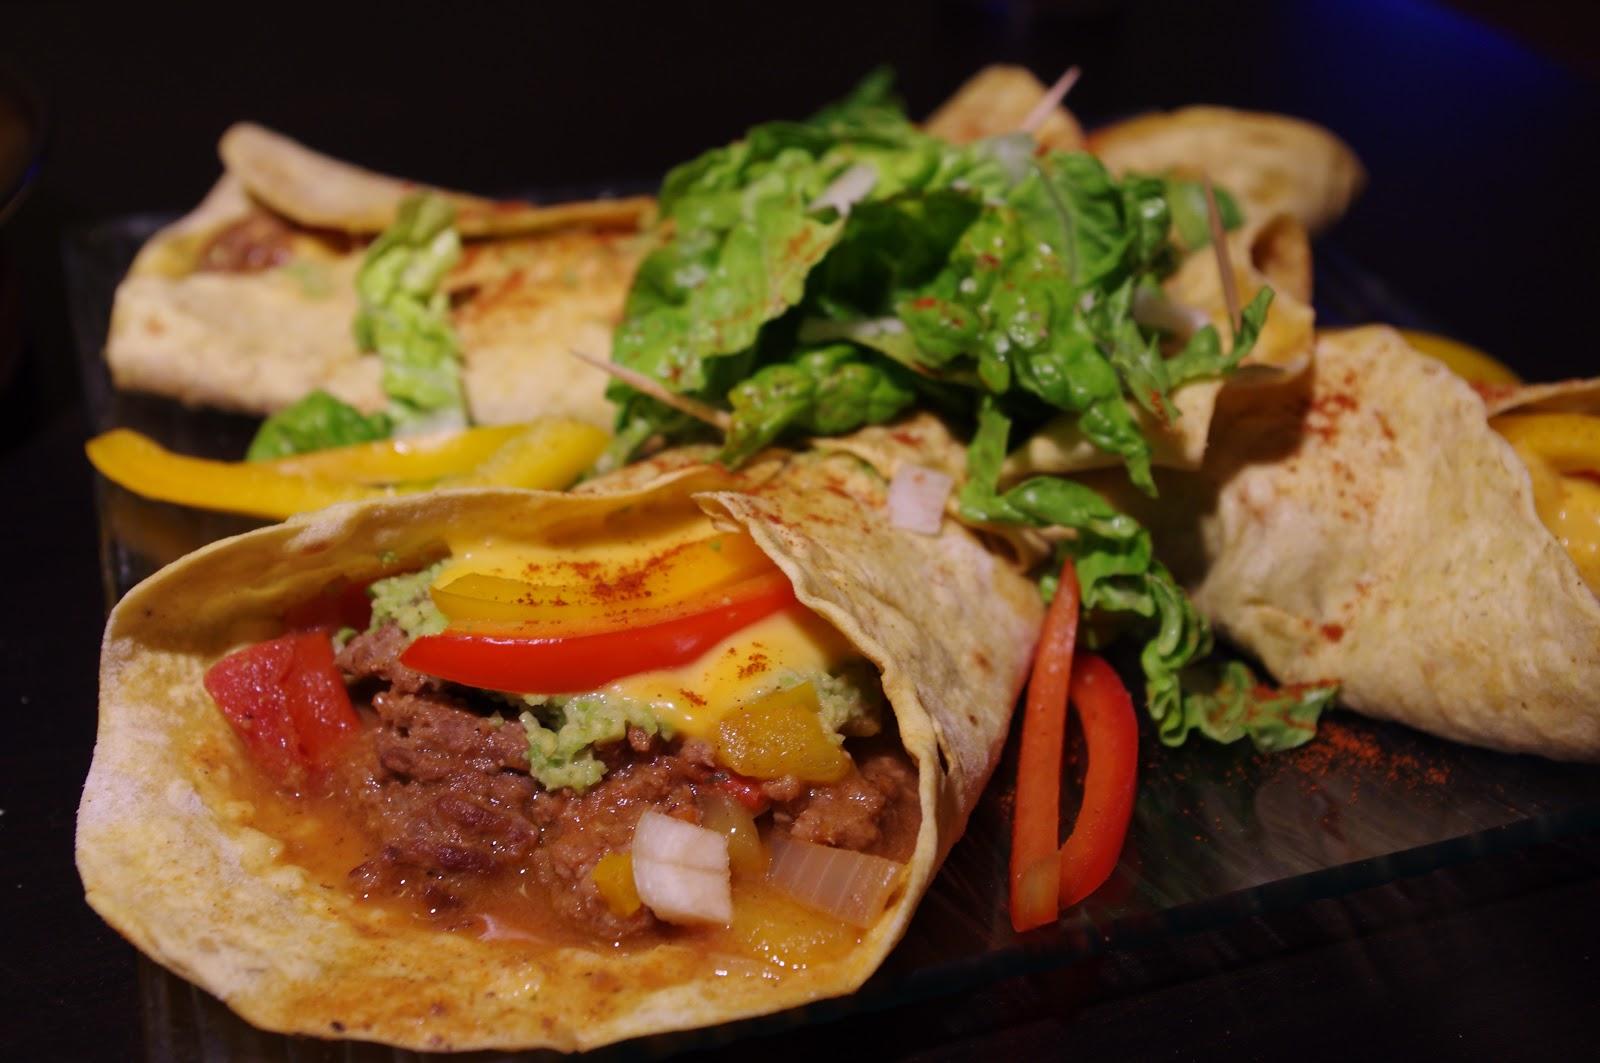 Recette repas mexicain blog cuisine - Cuisine mexicaine tortillas ...